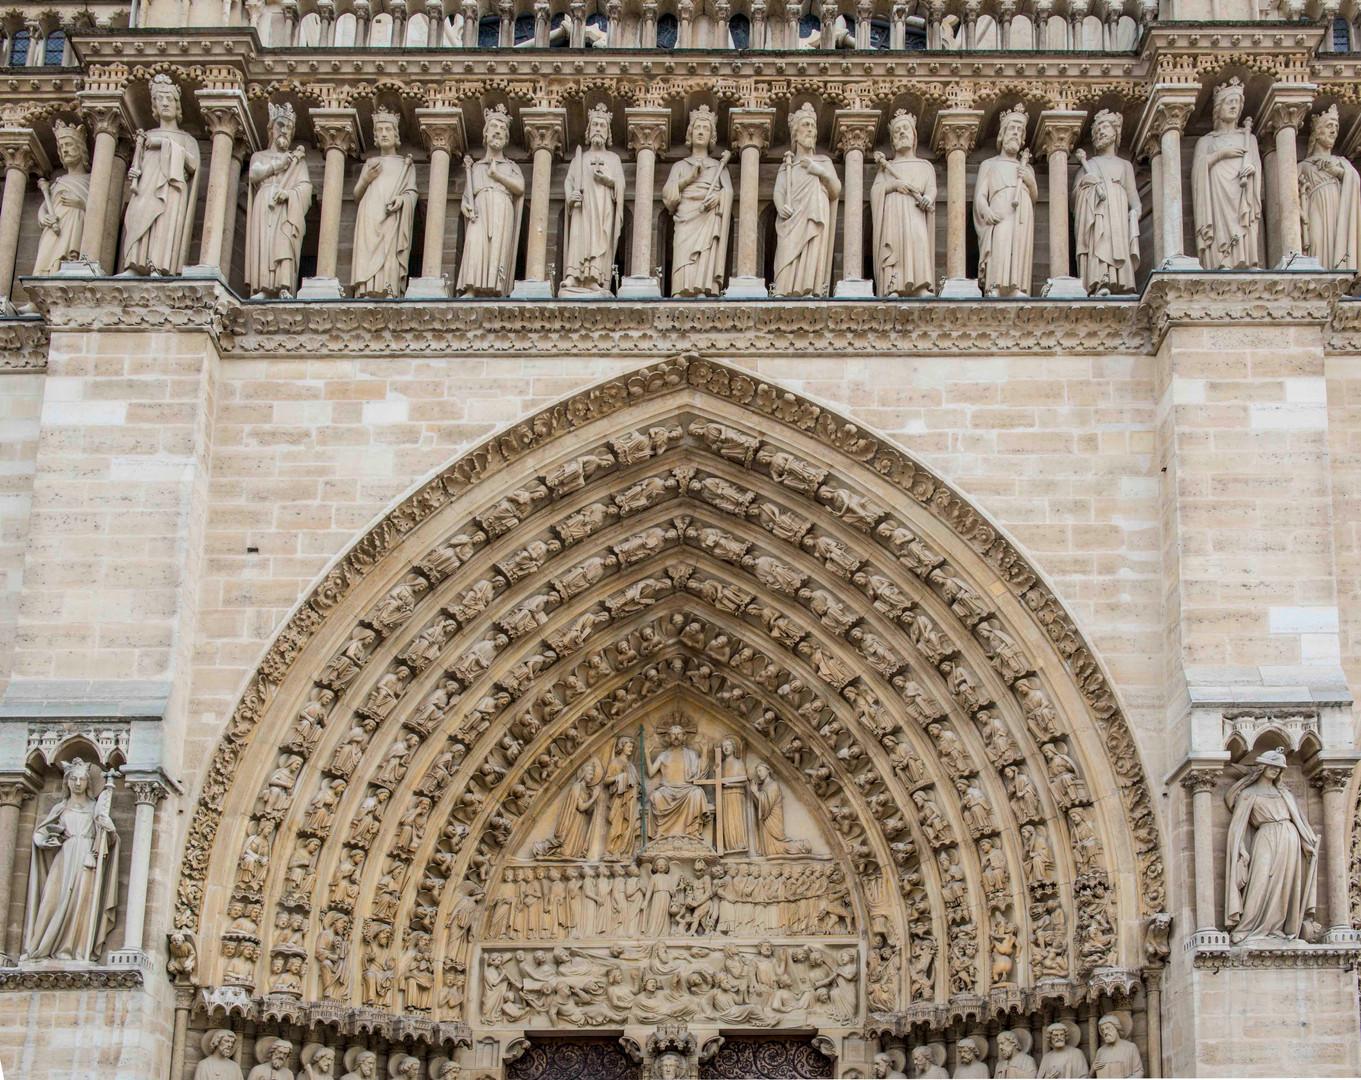 Notre Dame entrance arch